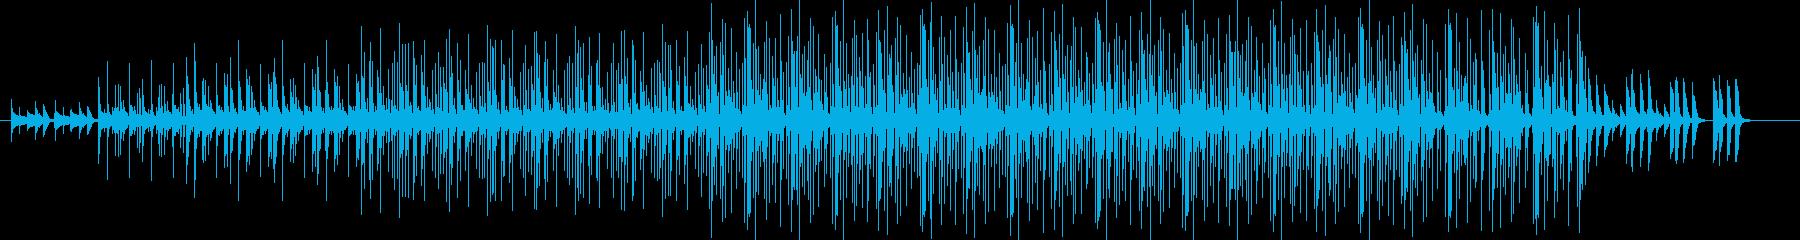 ナチュラルでエレクトロニカなBGMの再生済みの波形